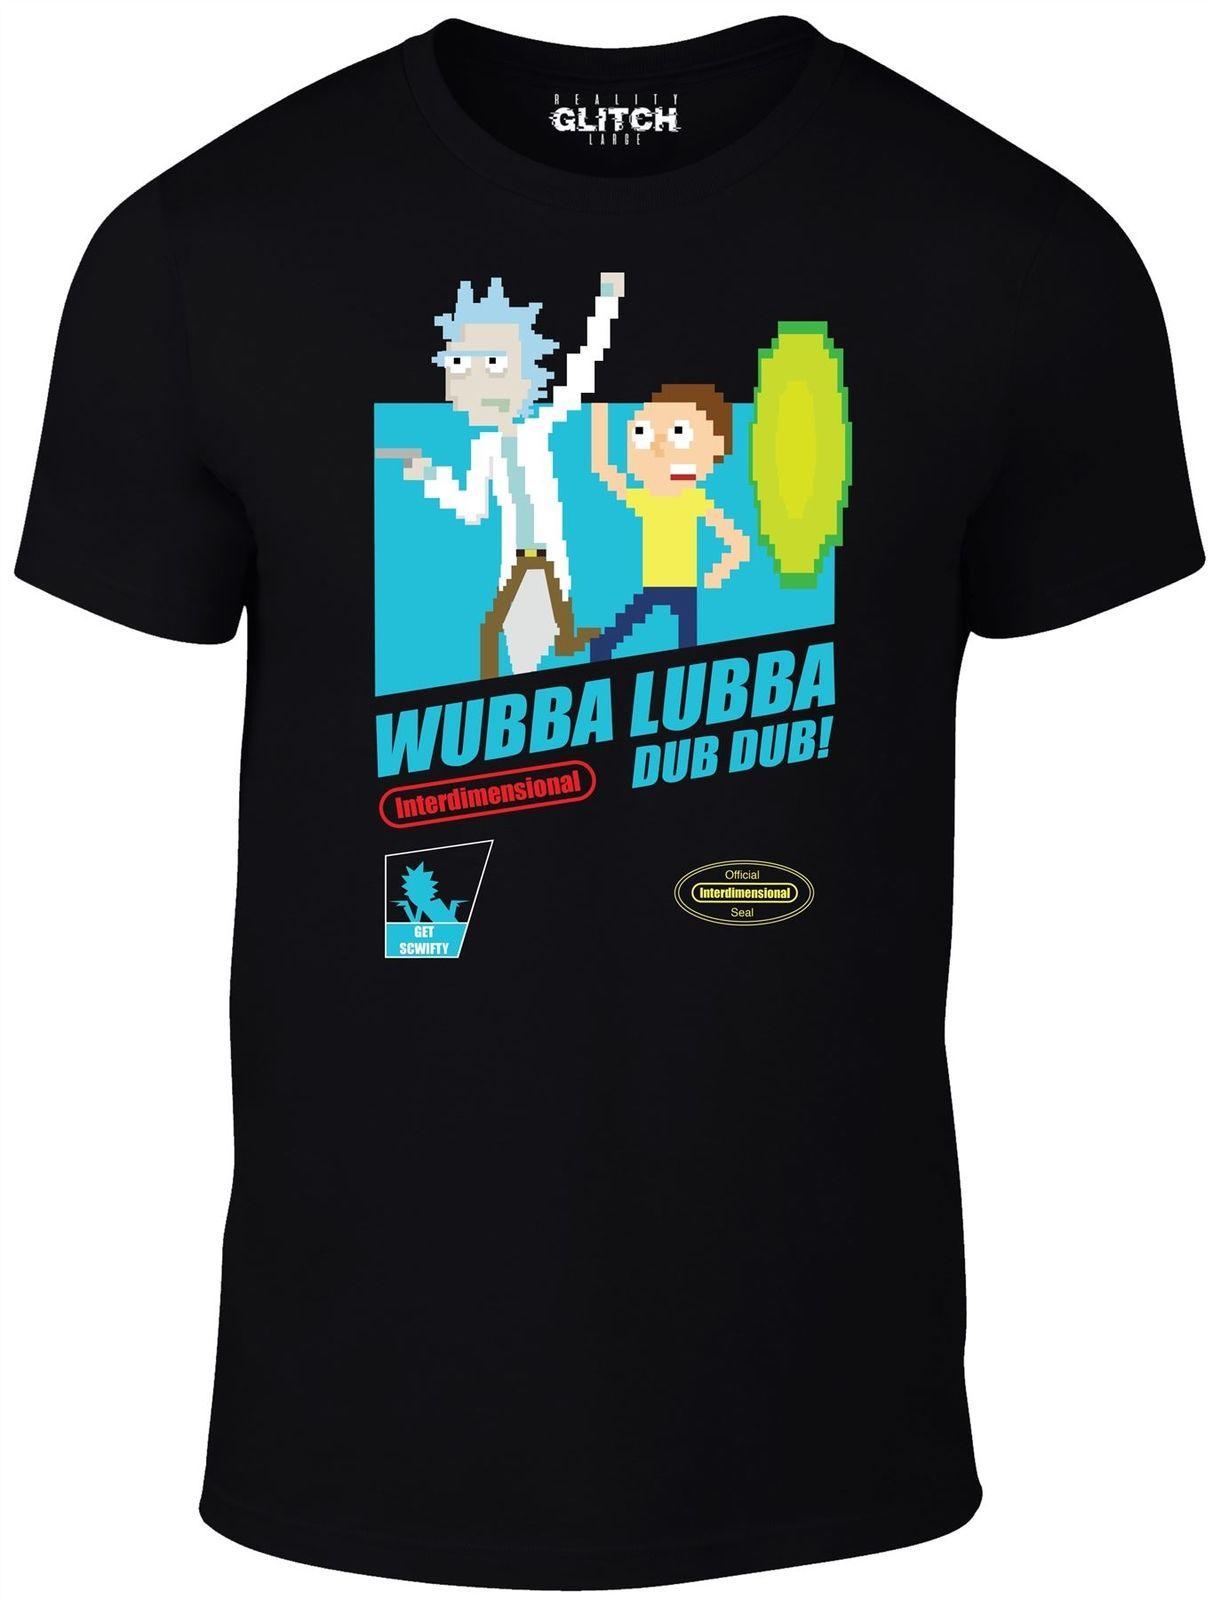 Acheter réalité glitch hommes wubba lubba dub dub t shirt rick morty cool casual t shirt hommes unisexe nouvelle mode de 10 66 du cls6688524 dhgate com